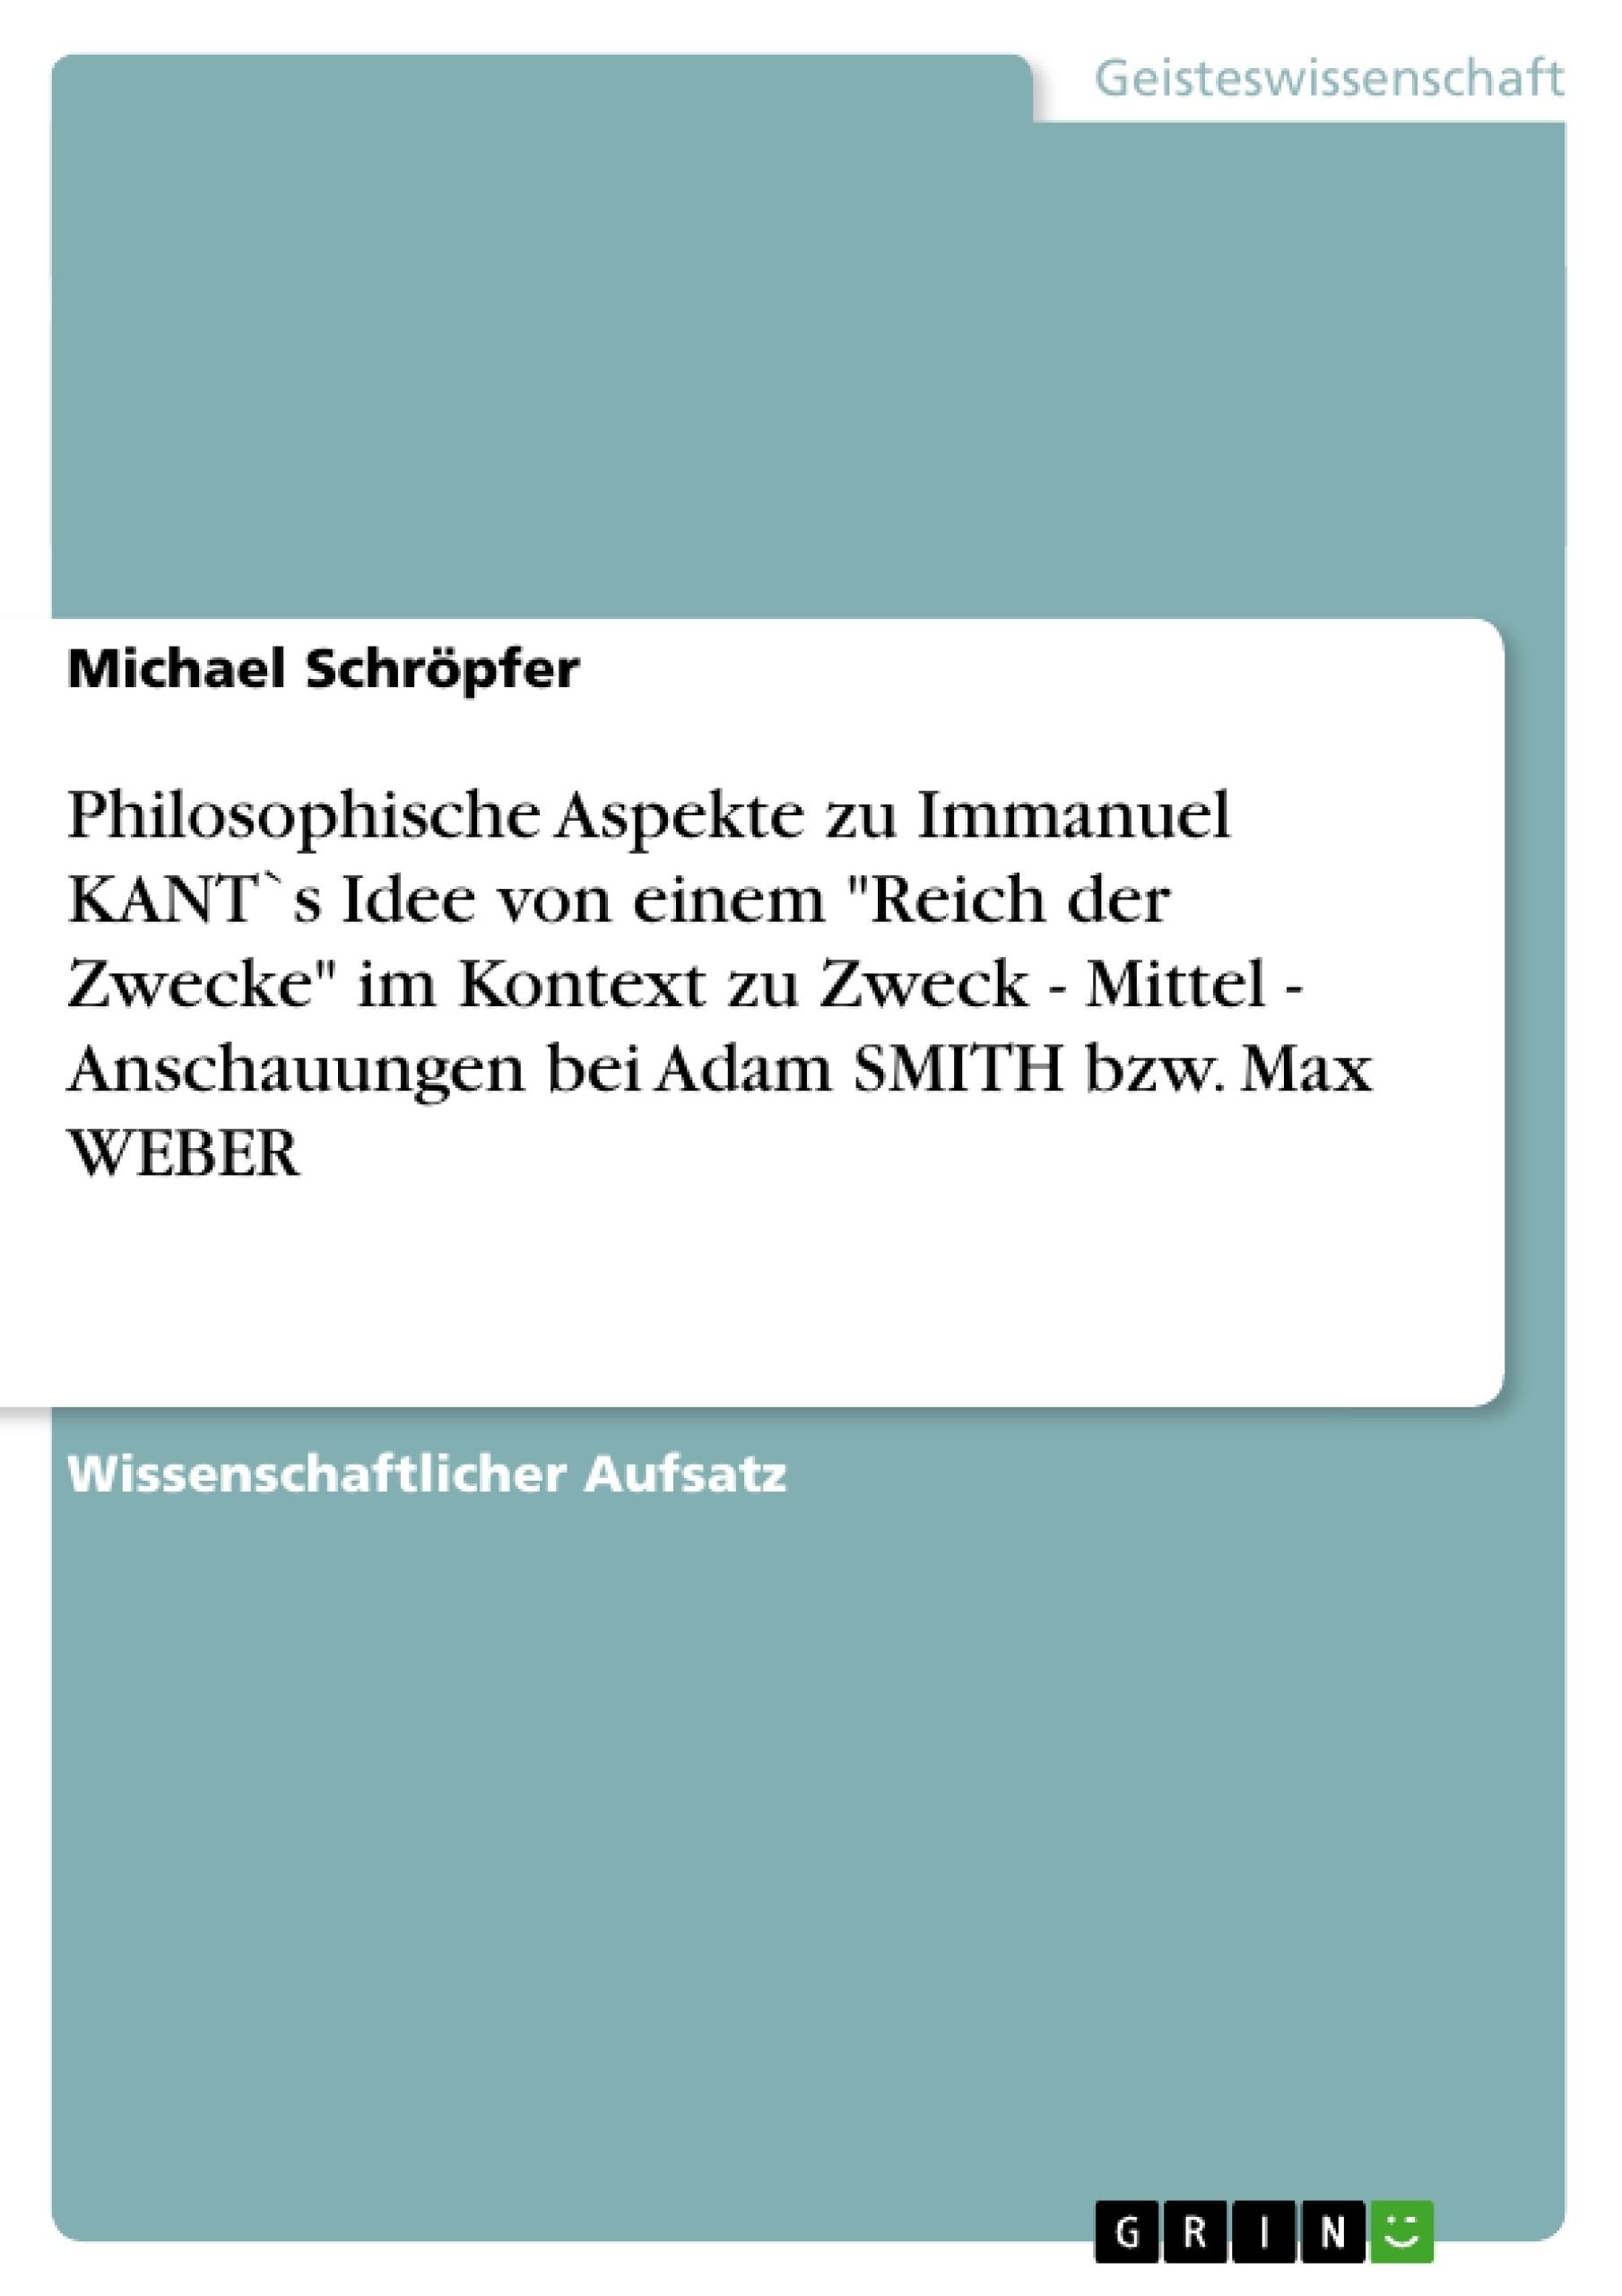 """Titel: Philosophische Aspekte zu Immanuel KANT`s Idee von einem """"Reich der Zwecke"""" im Kontext zu Zweck  -  Mittel -   Anschauungen bei Adam SMITH bzw. Max WEBER"""